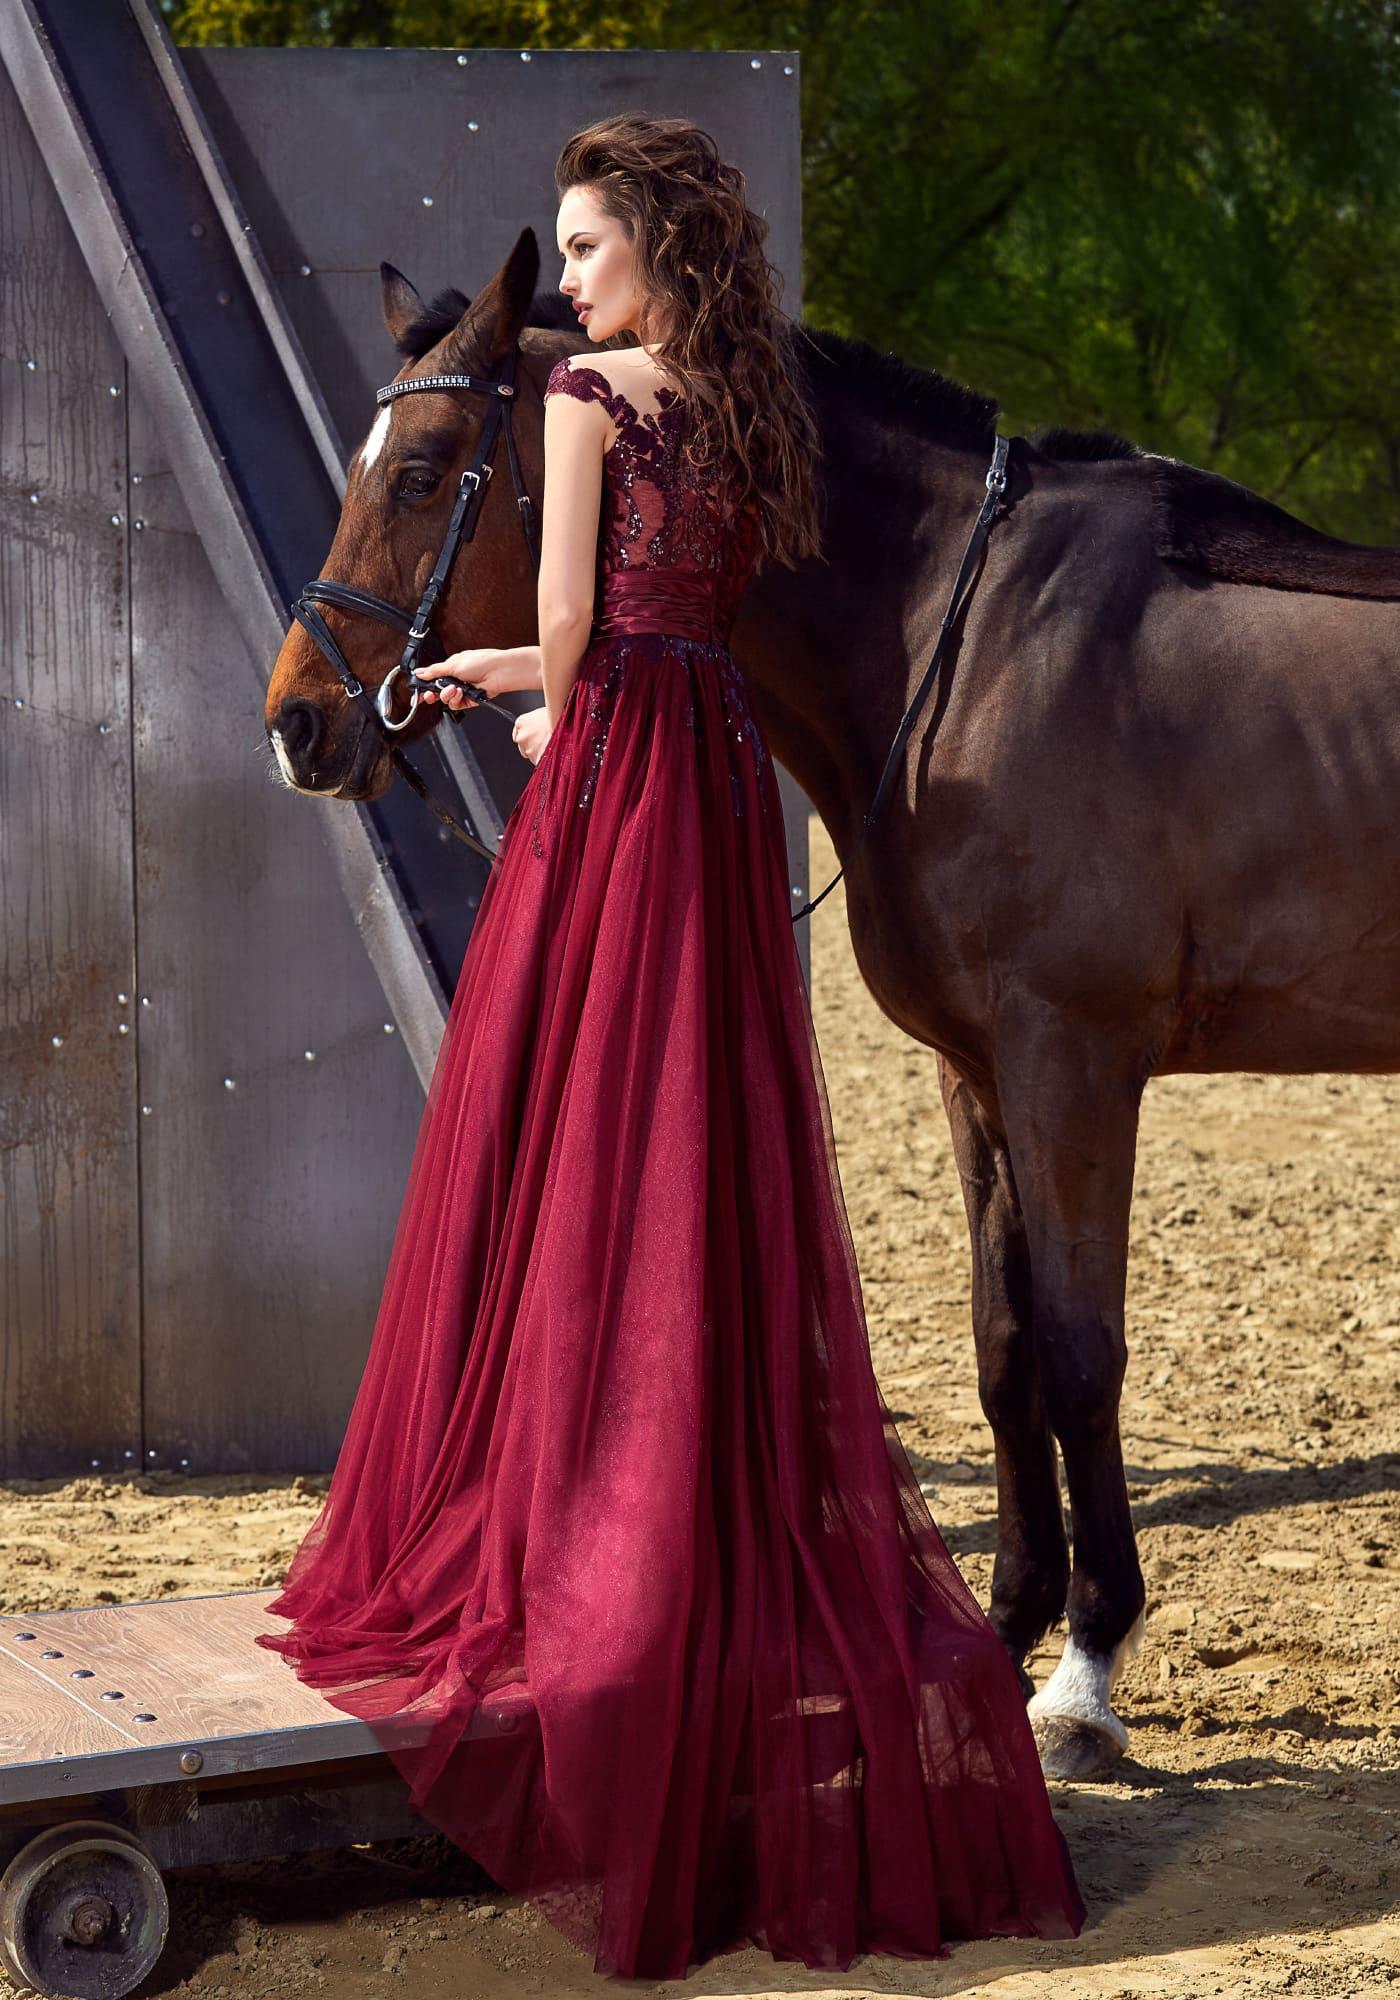 Бордовое вечернее платье с эффектным открытым декольте и роскошным широким поясом на талии.